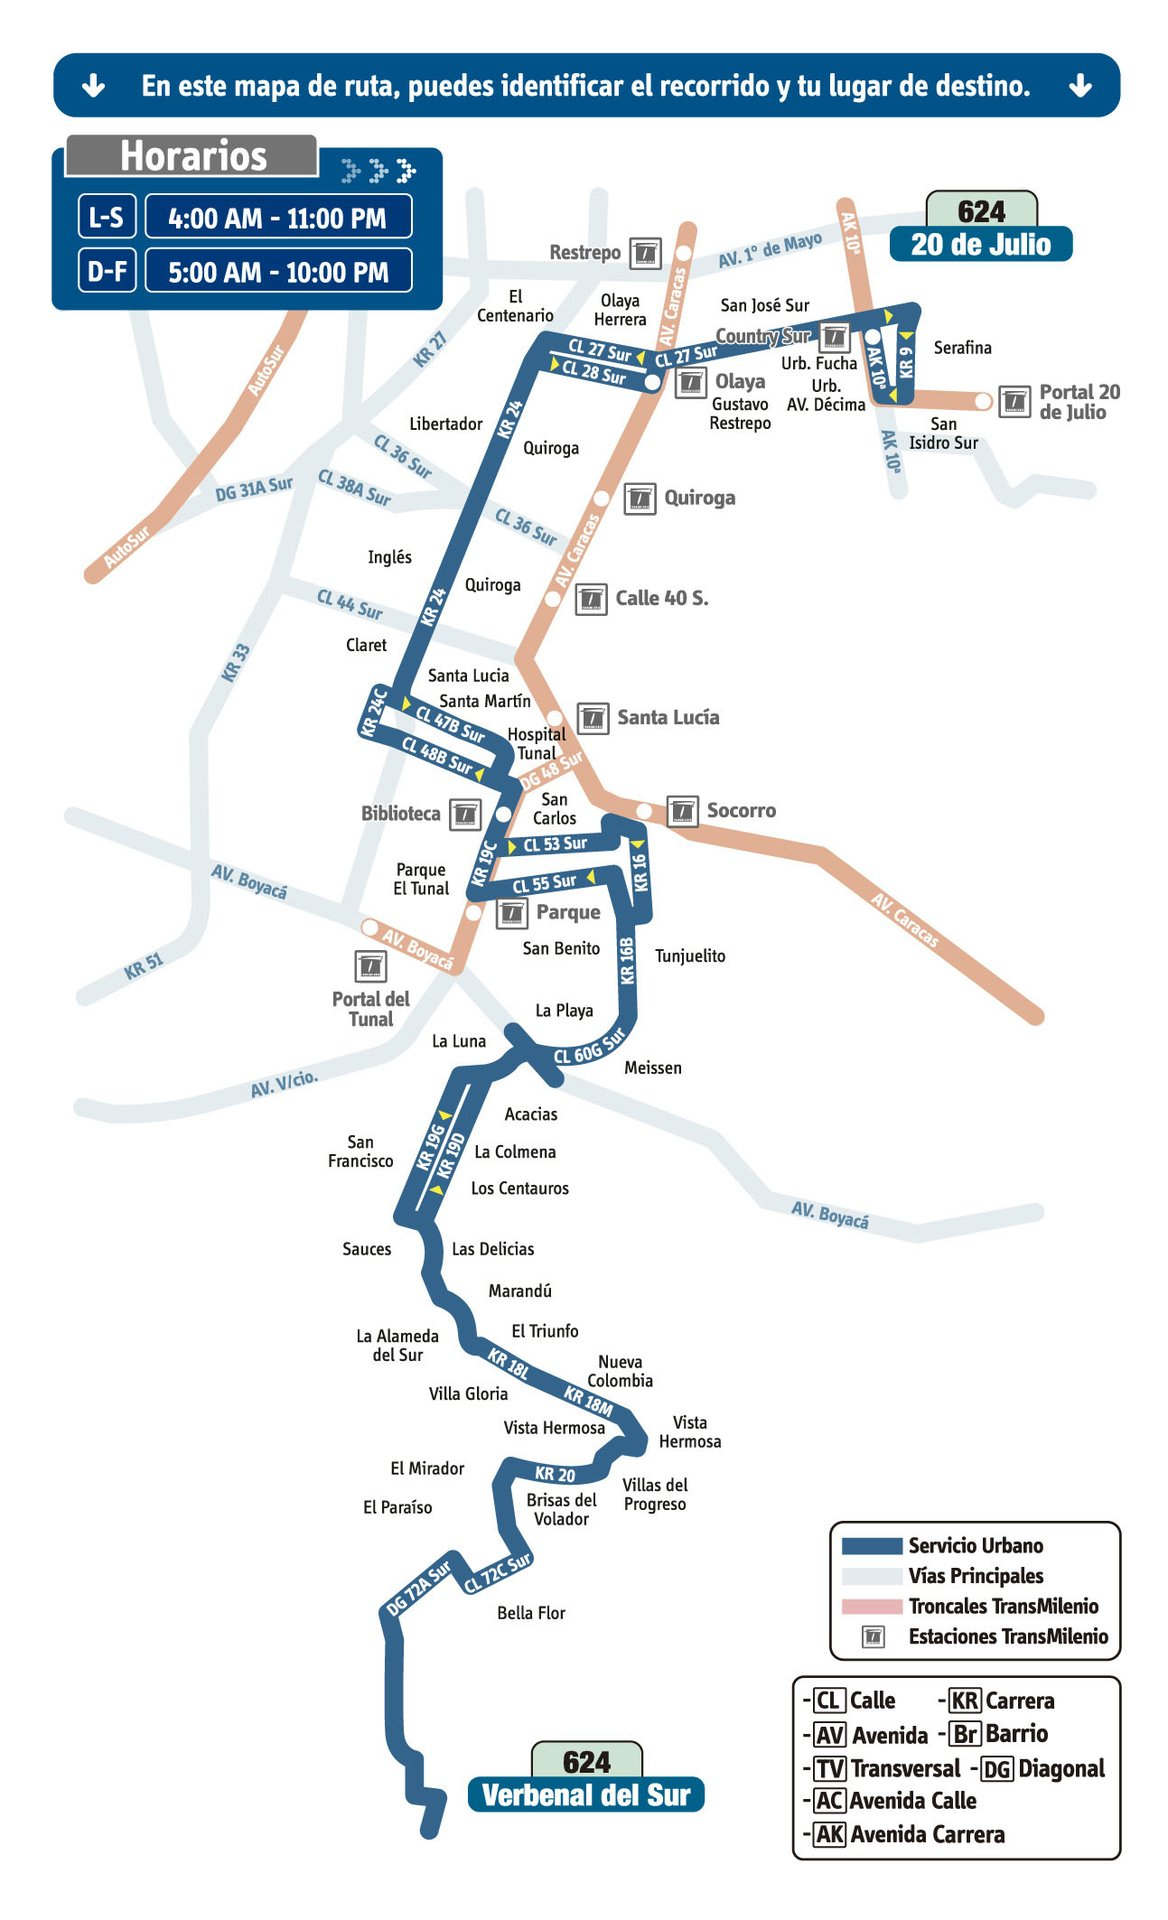 Ruta SITP: 624 Verbenal del Sur ↔ 20 de Julio [Urbana] 1